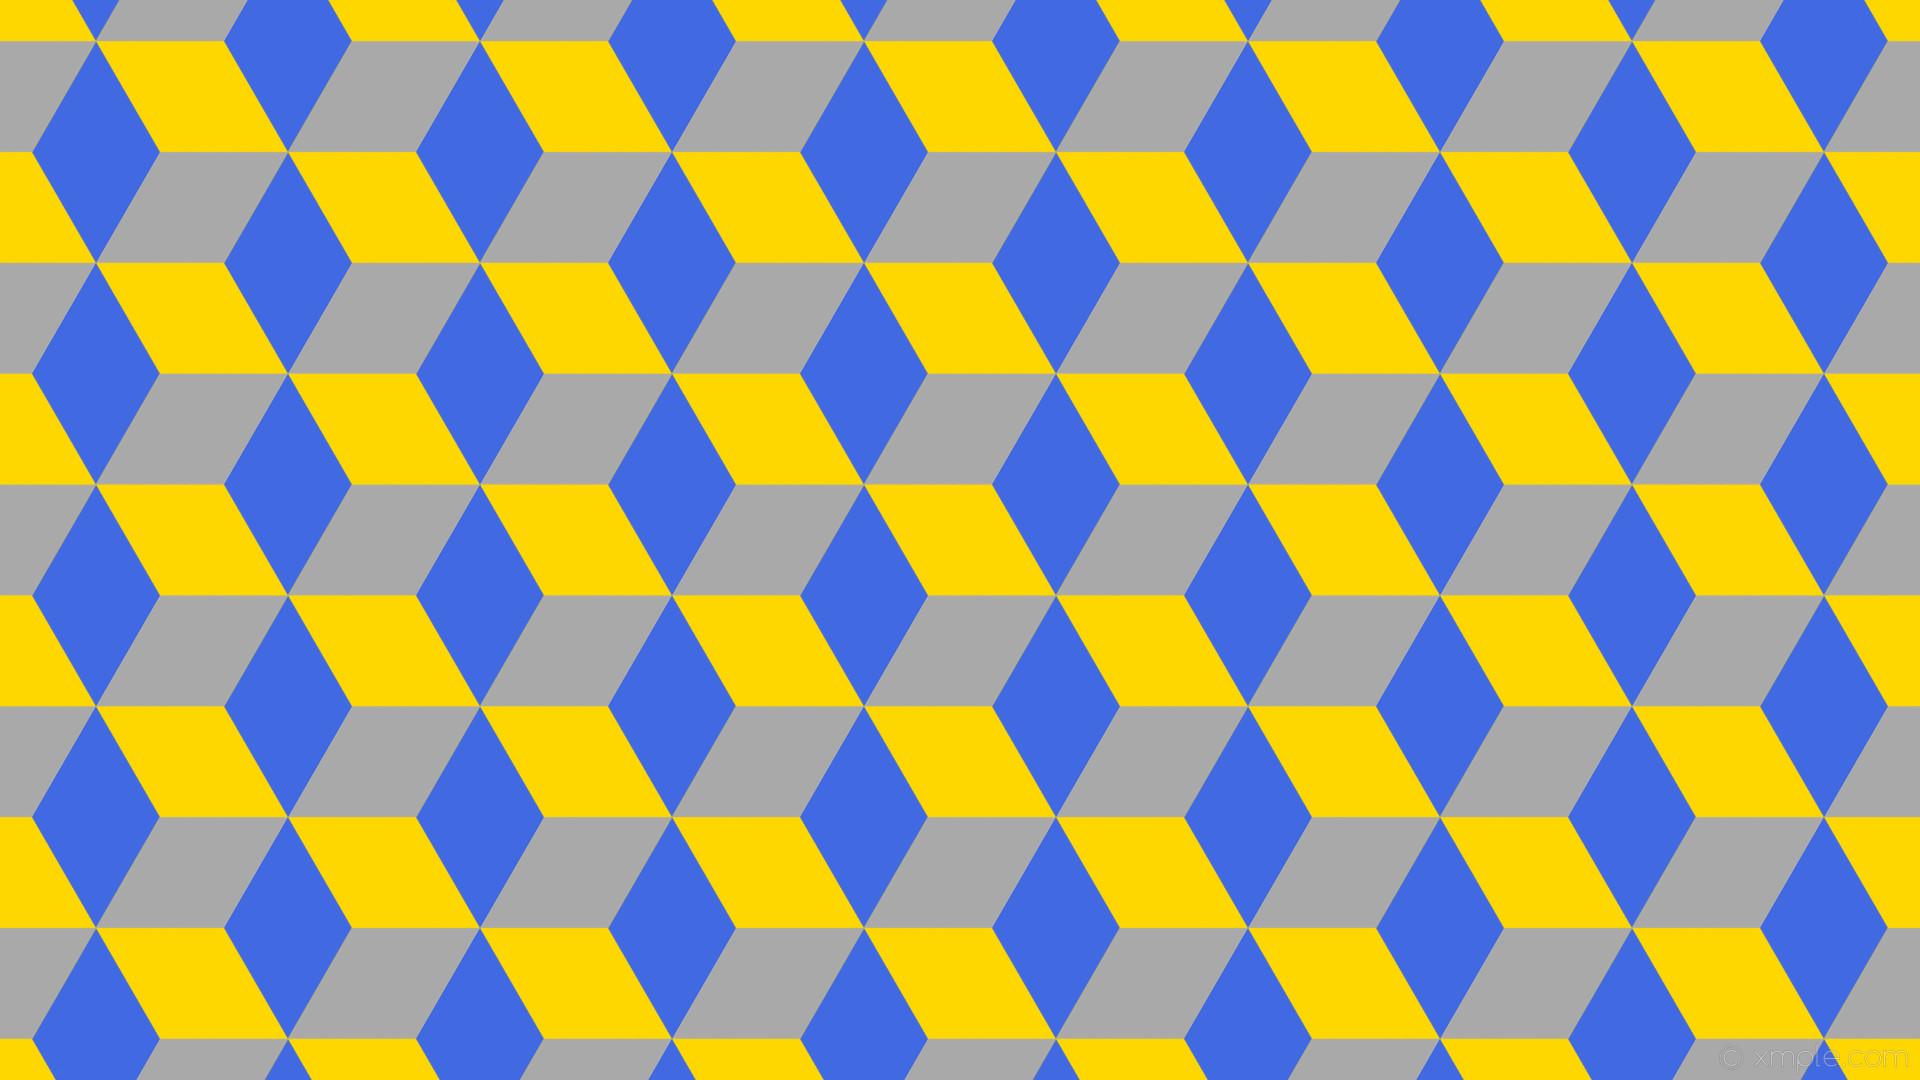 wallpaper 3d cubes blue yellow grey gold royal blue dark gray #ffd700  #4169e1 #